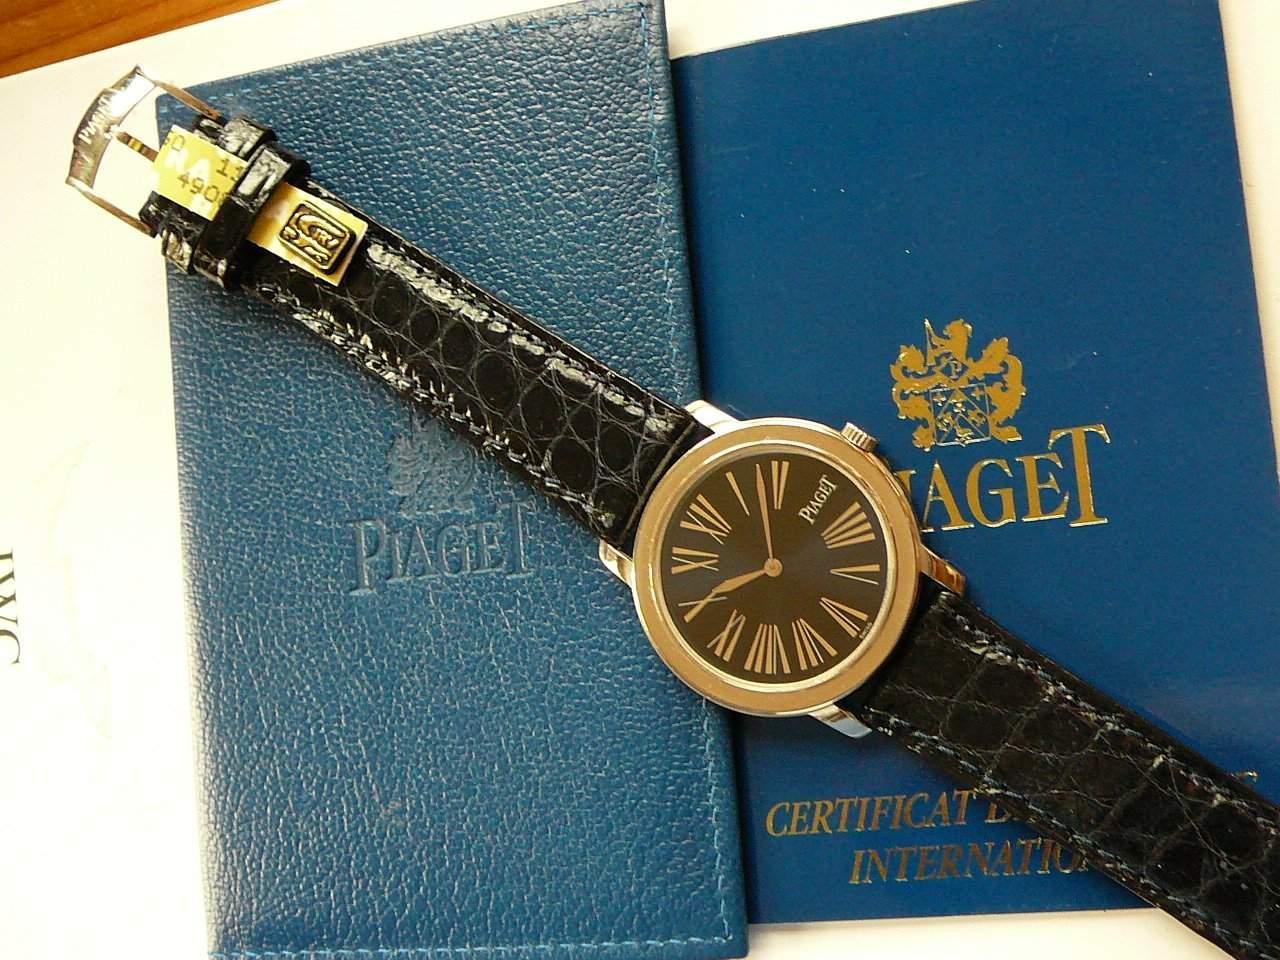 Seit Jahrzehnten ist Piaget ein Pionier im Bereich der ultra-dünnen Uhren.